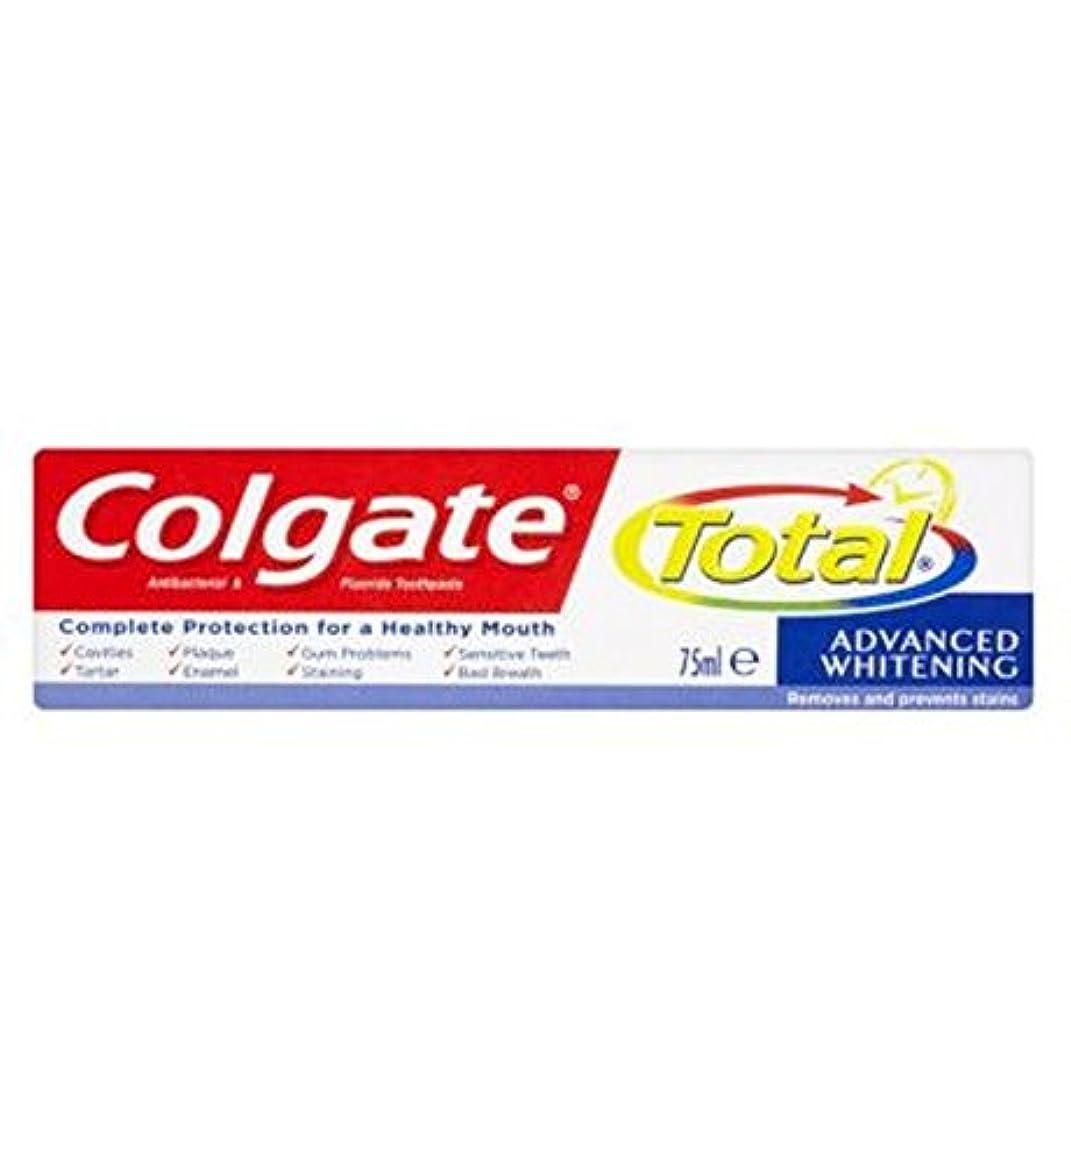 ダンプ理想的神Colgate Total Advanced Whitening toothpaste 75ml - コルゲートトータル高度なホワイトニング歯磨き粉75ミリリットル (Colgate) [並行輸入品]